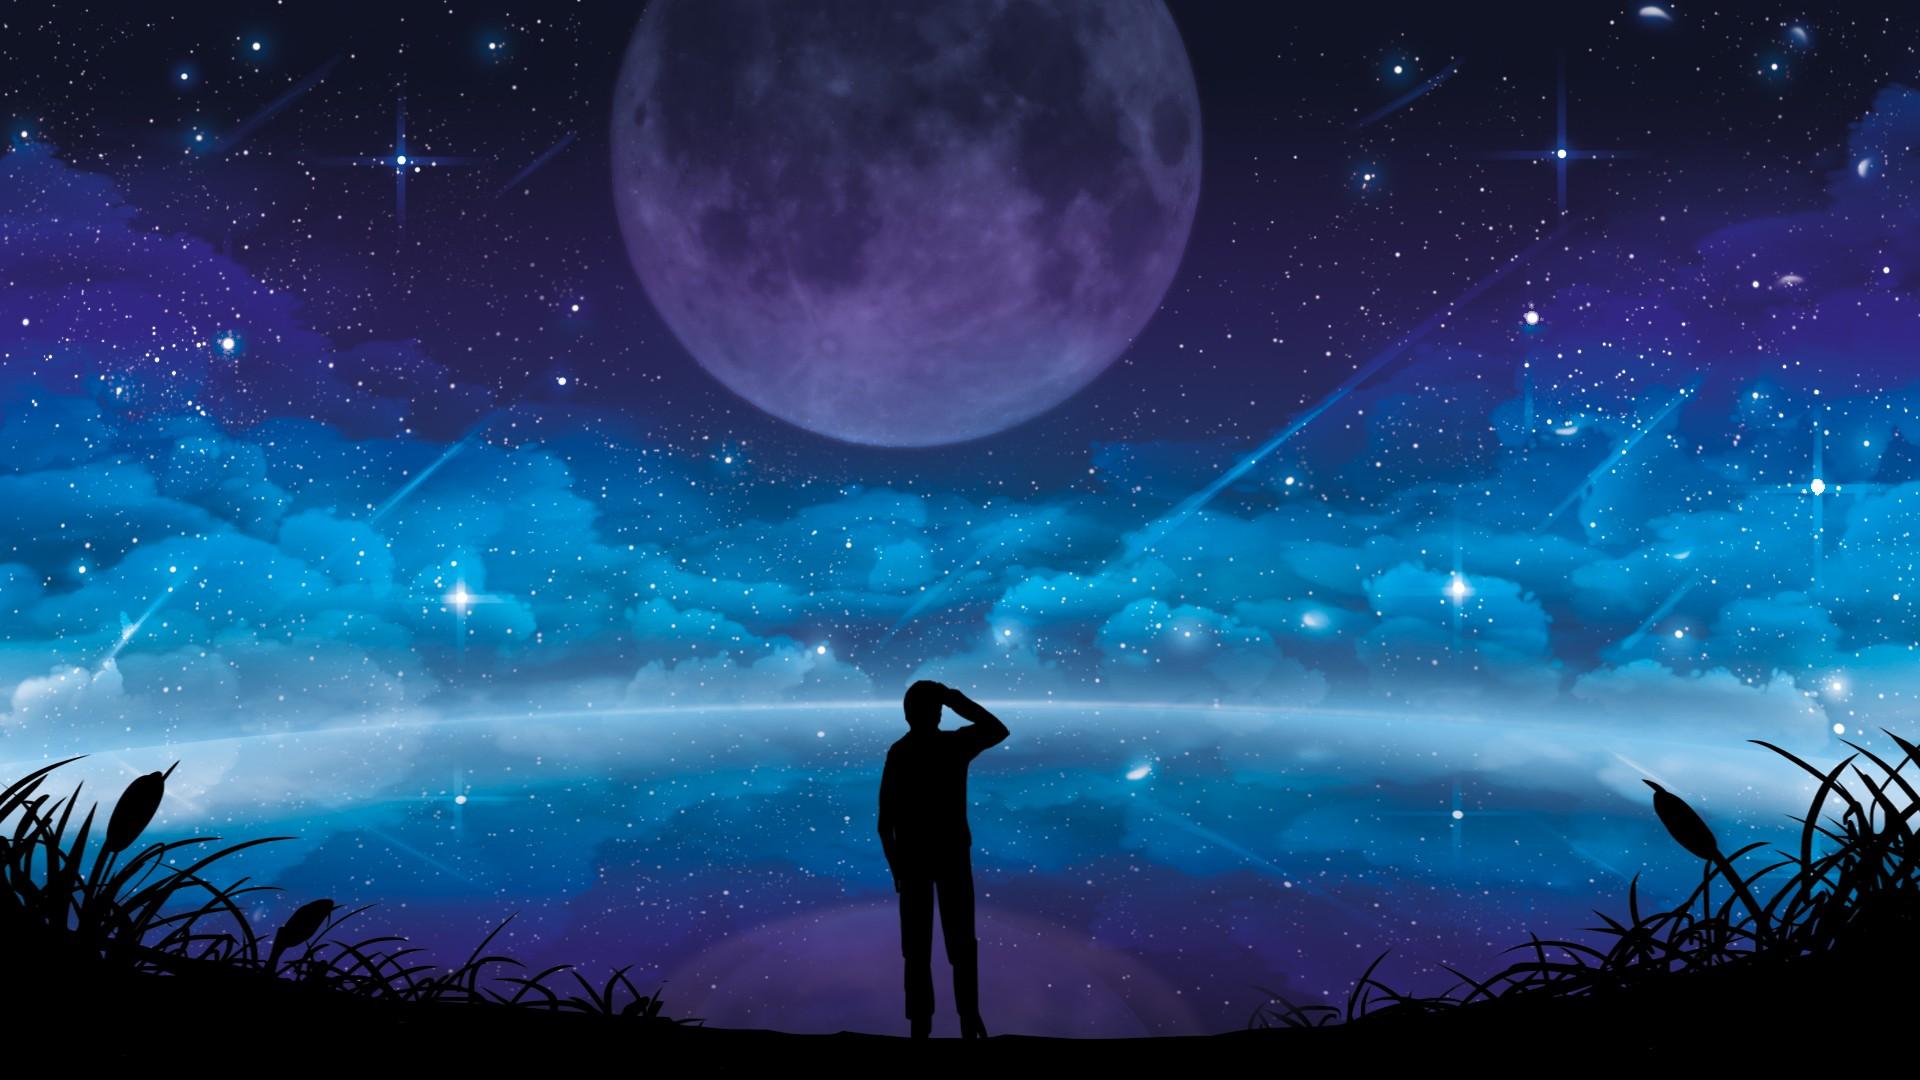 проектировании опс открытки ночное небо начало концерта удалось